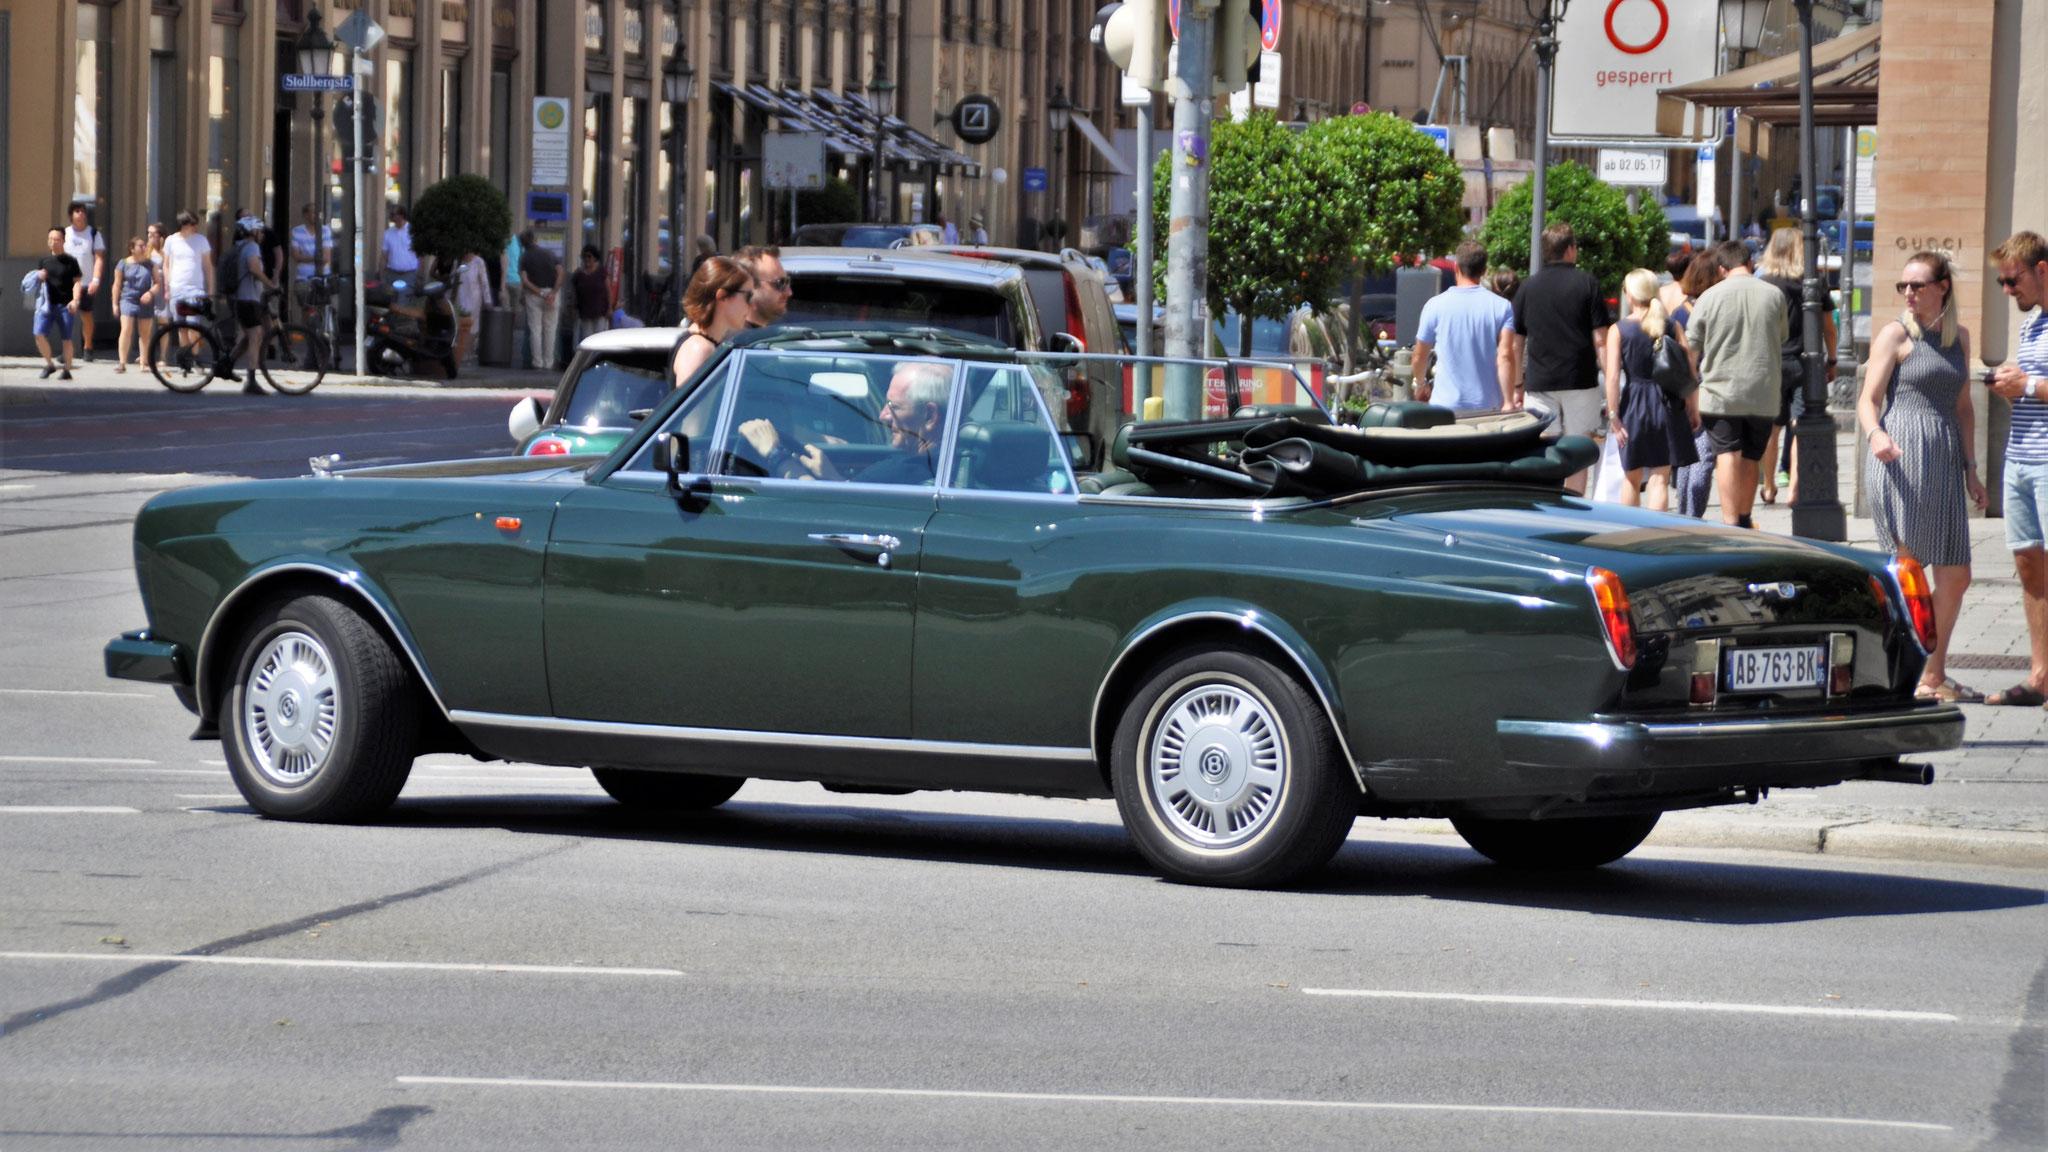 Cabriolet - AB-763-BK (FRA)